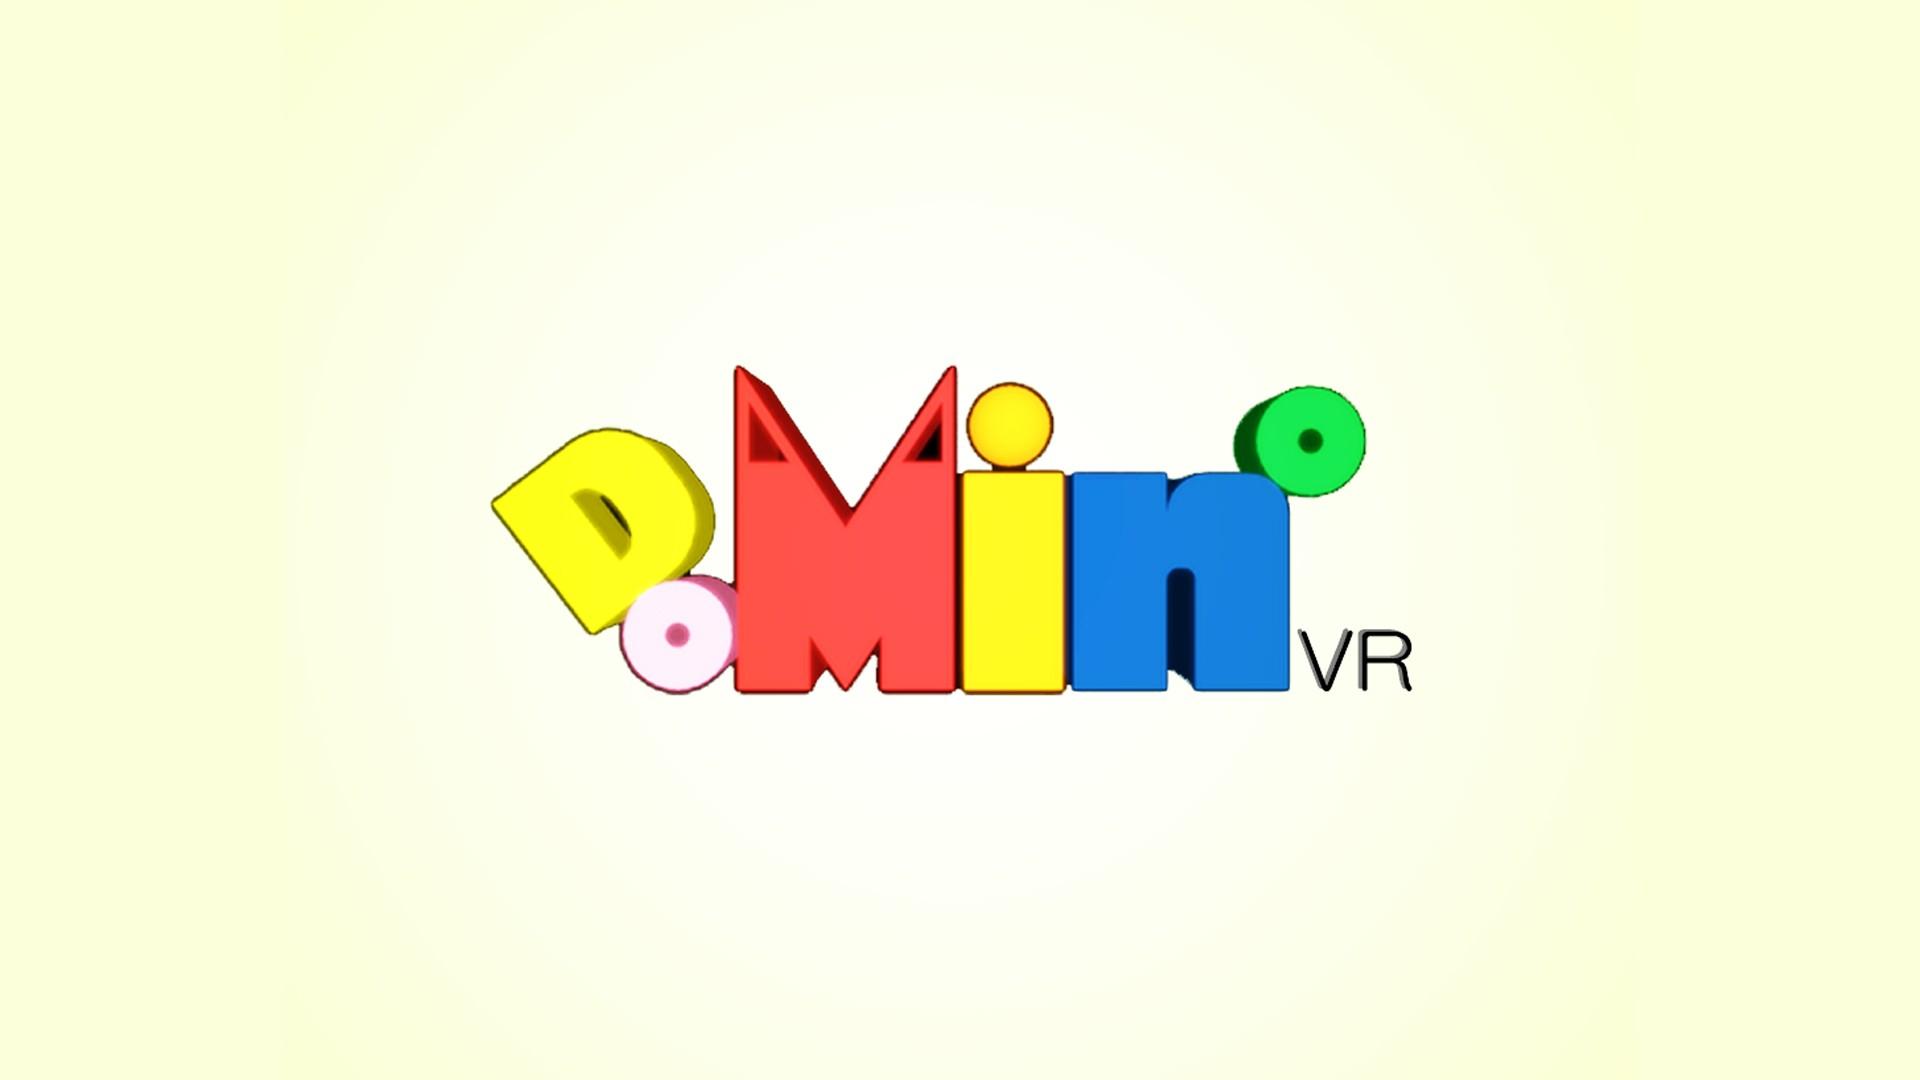 Domino004.jpg